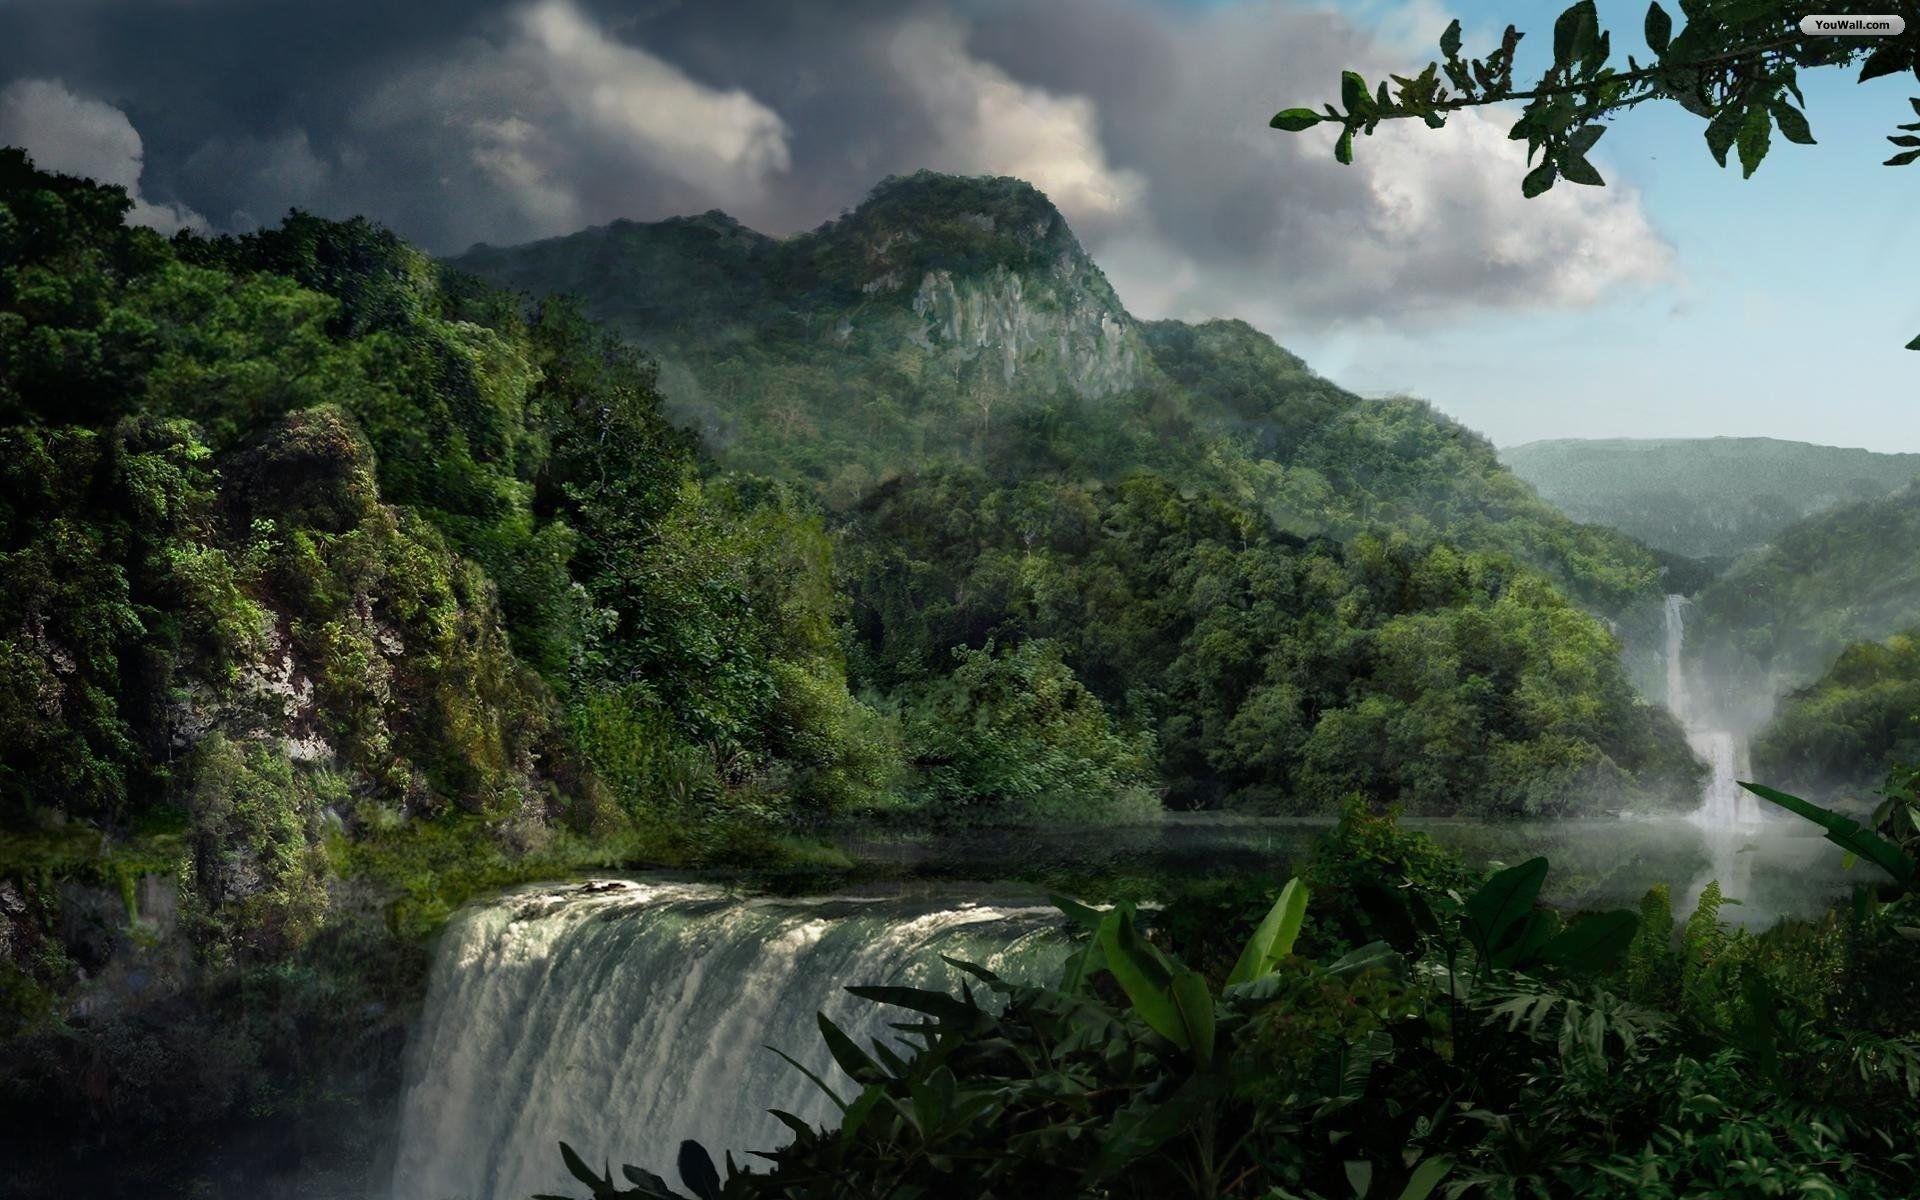 1920x1200 Wallpaper Desktop Hintergrundbilder Hd Desktop Dschungel Landschaft Beautiful Wallpaper Nature Wallpaper Waterfall Wallpaper Scenery Waterfall